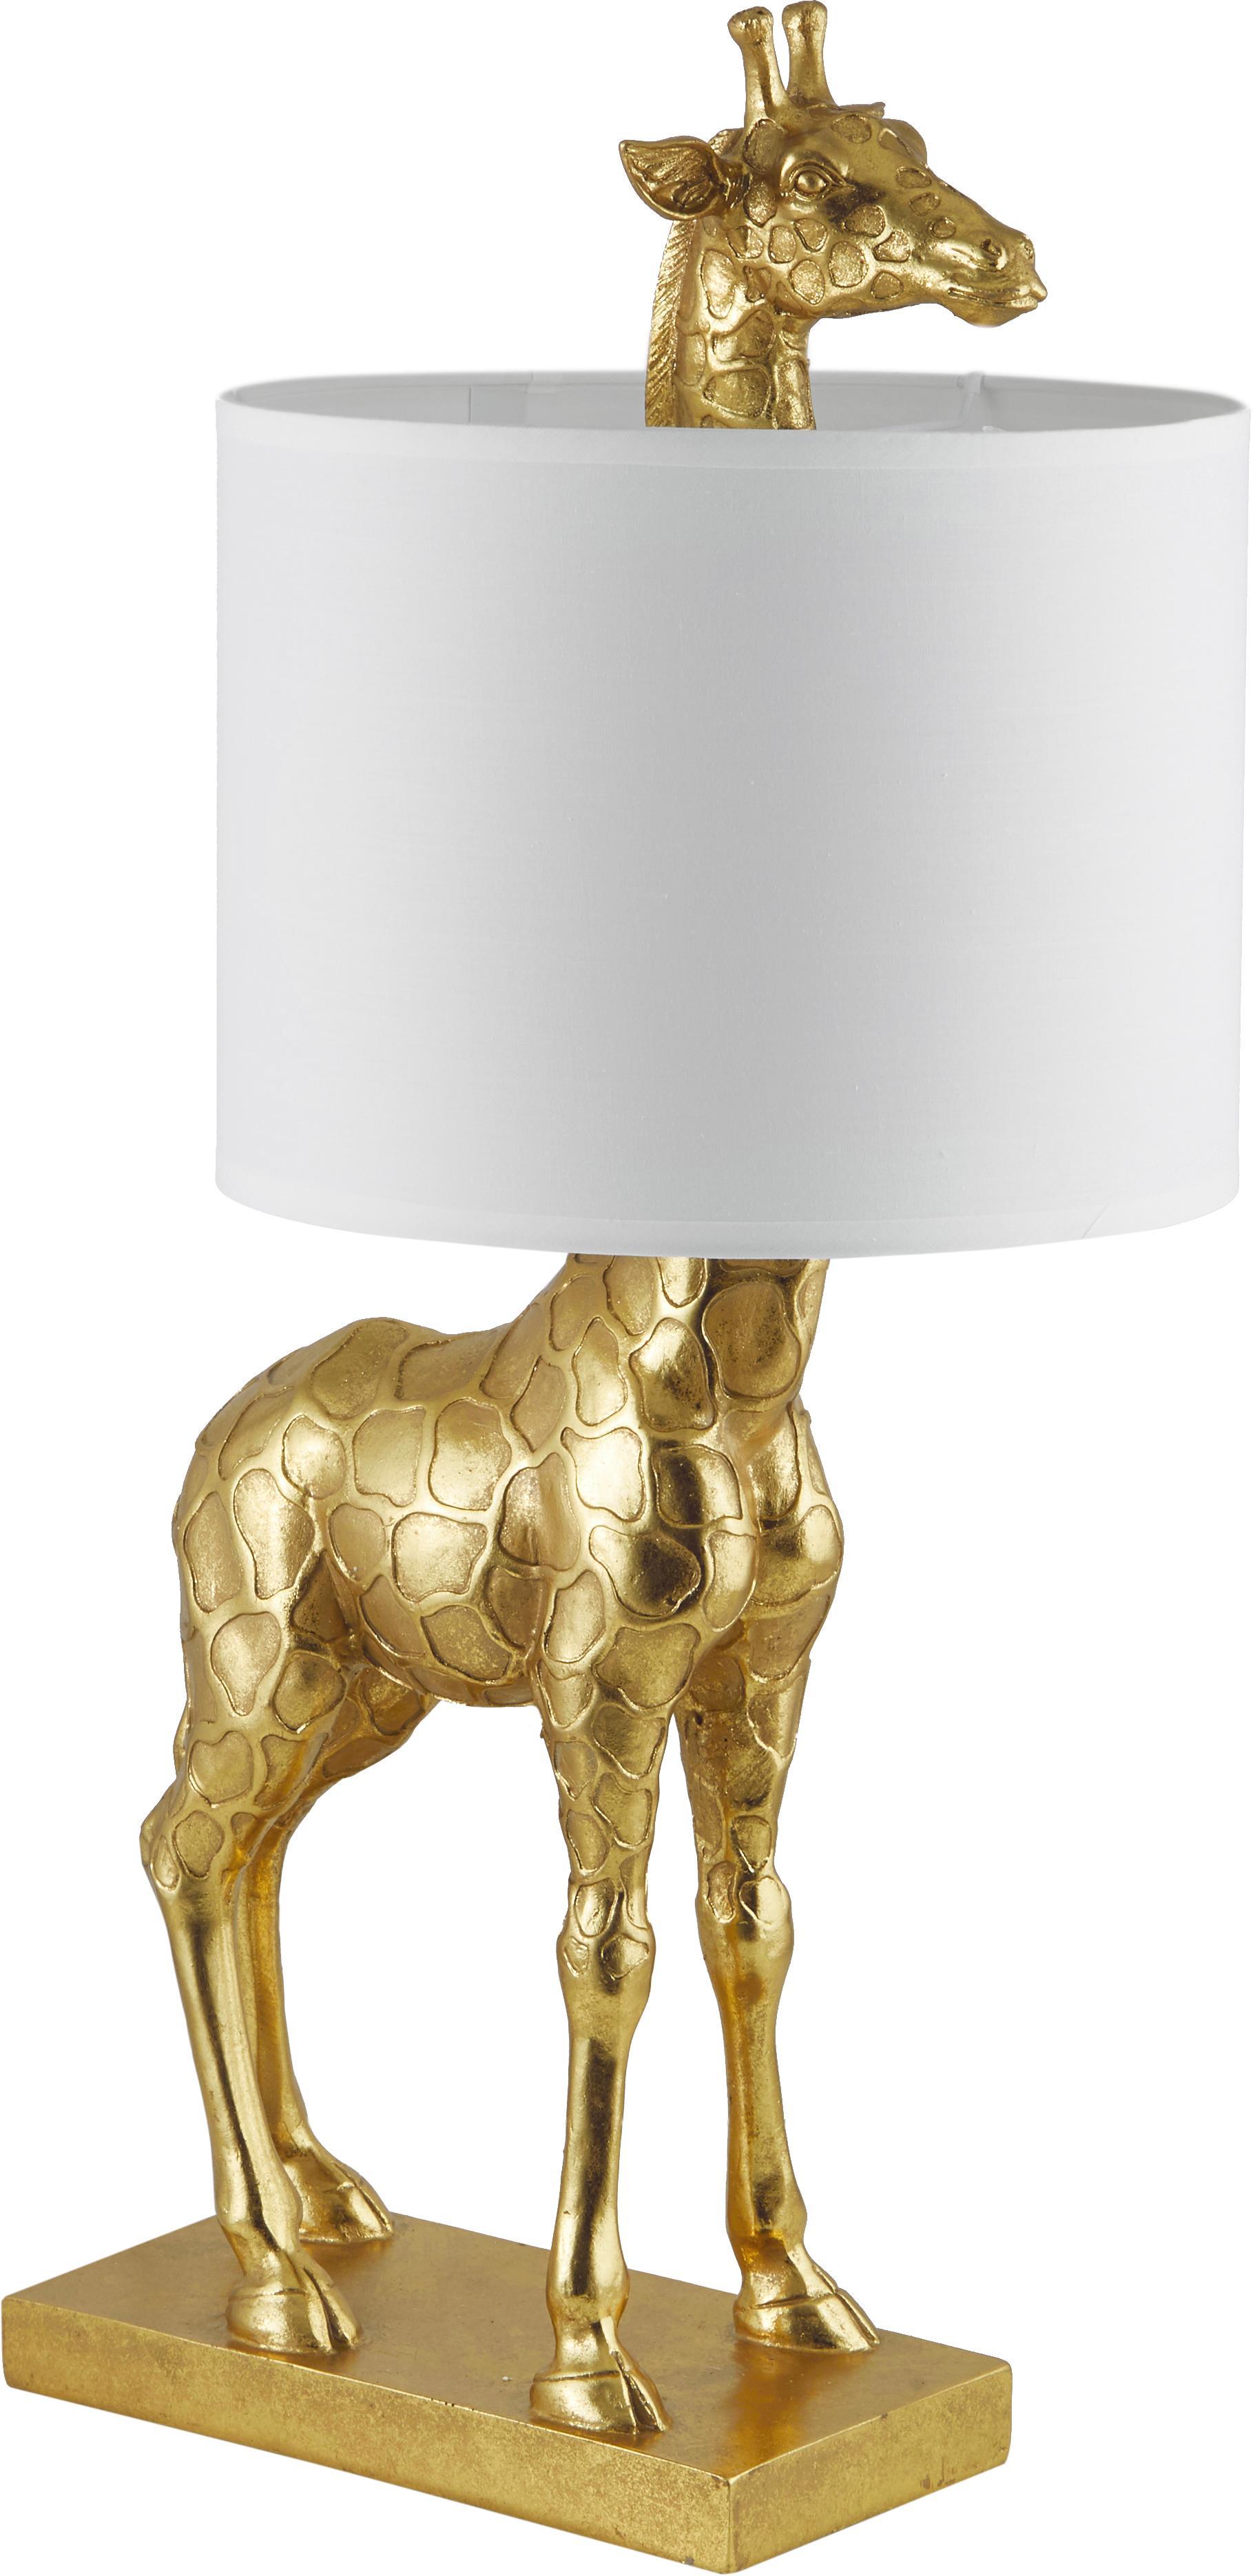 Design-Tischleuchte Epigaea mit Leinenschirm, Lampenfuß: Polyresin, Lampenschirm: Leinen, Goldfarben, Weiß, 35 x 70 cm